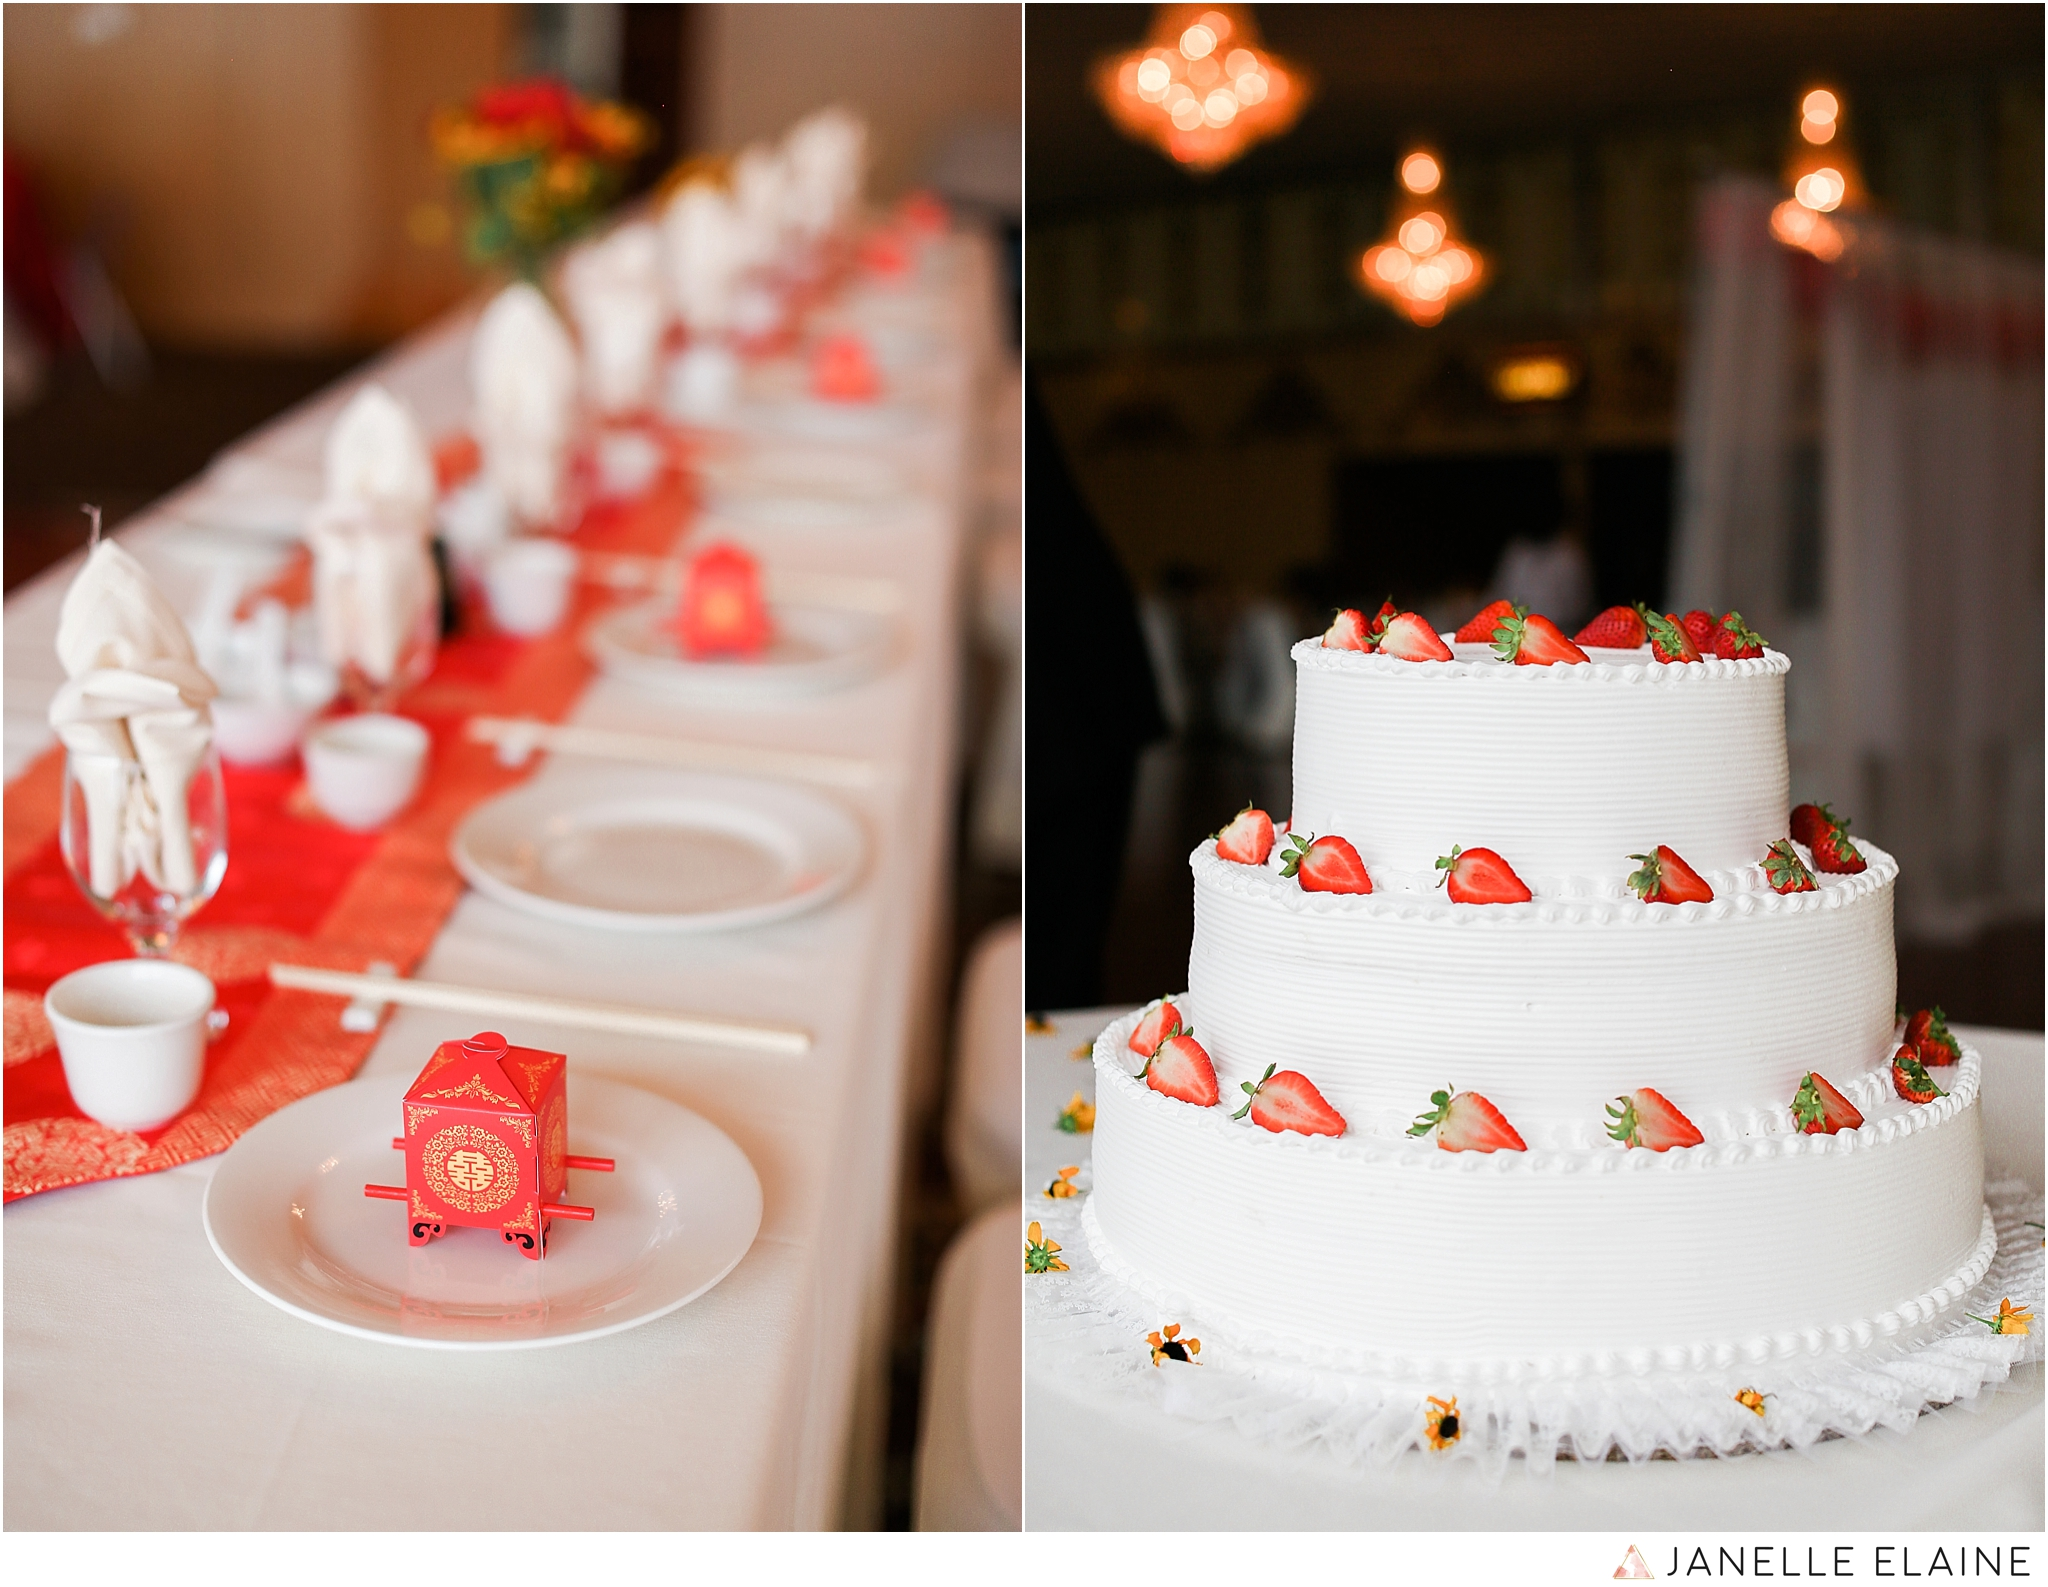 janelle elaine photography-professional wedding photographer seattle--100.jpg